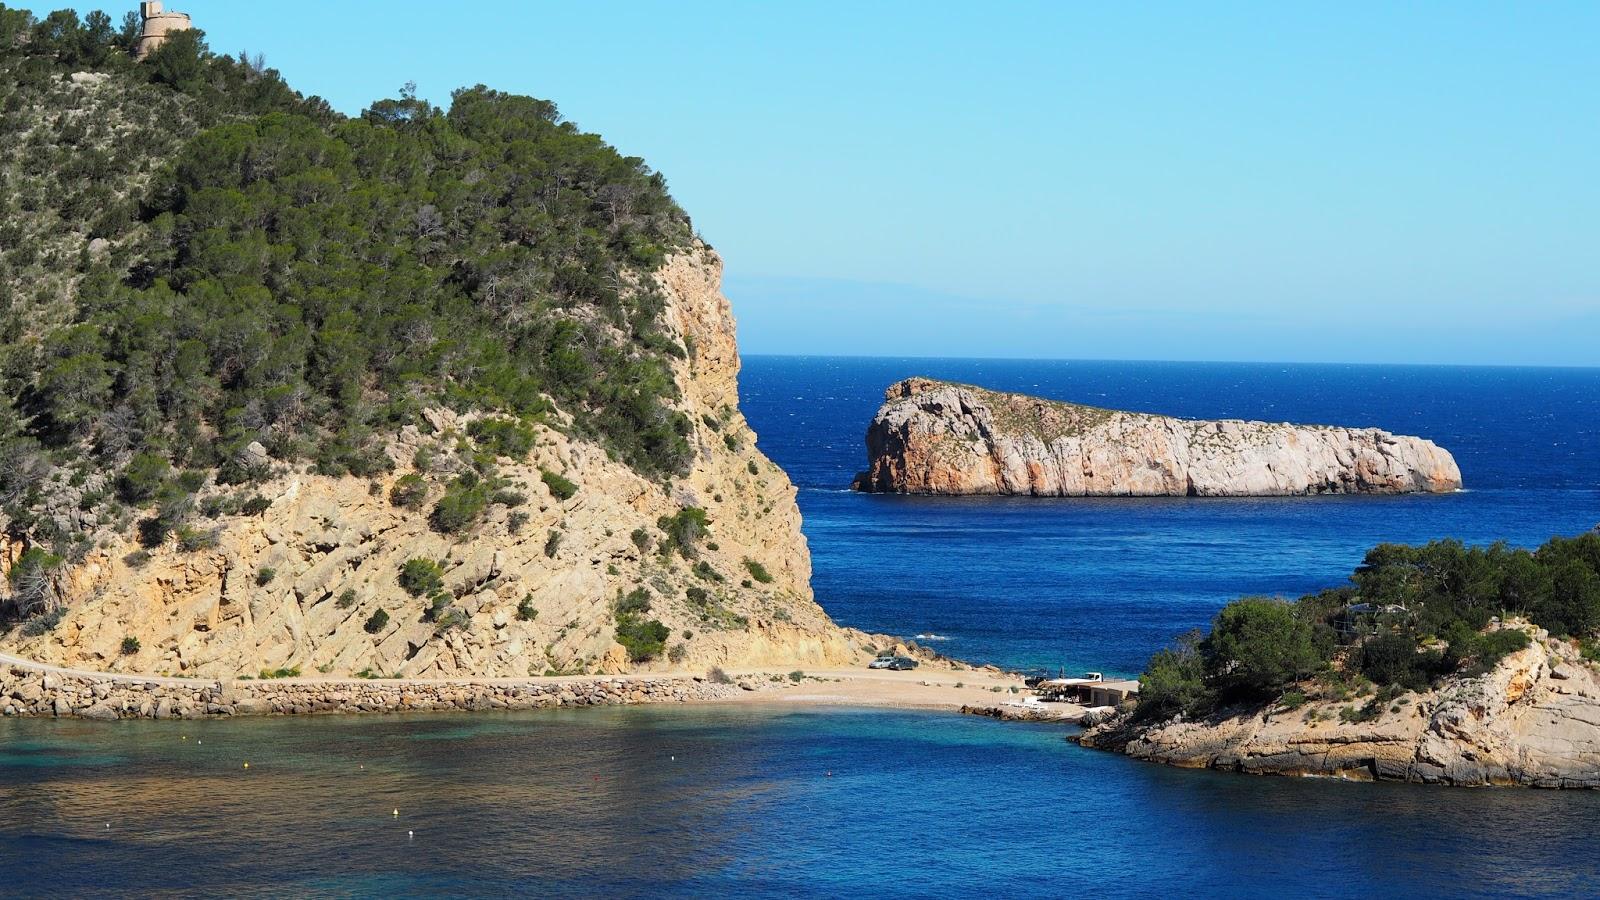 Puerto de San Migeul